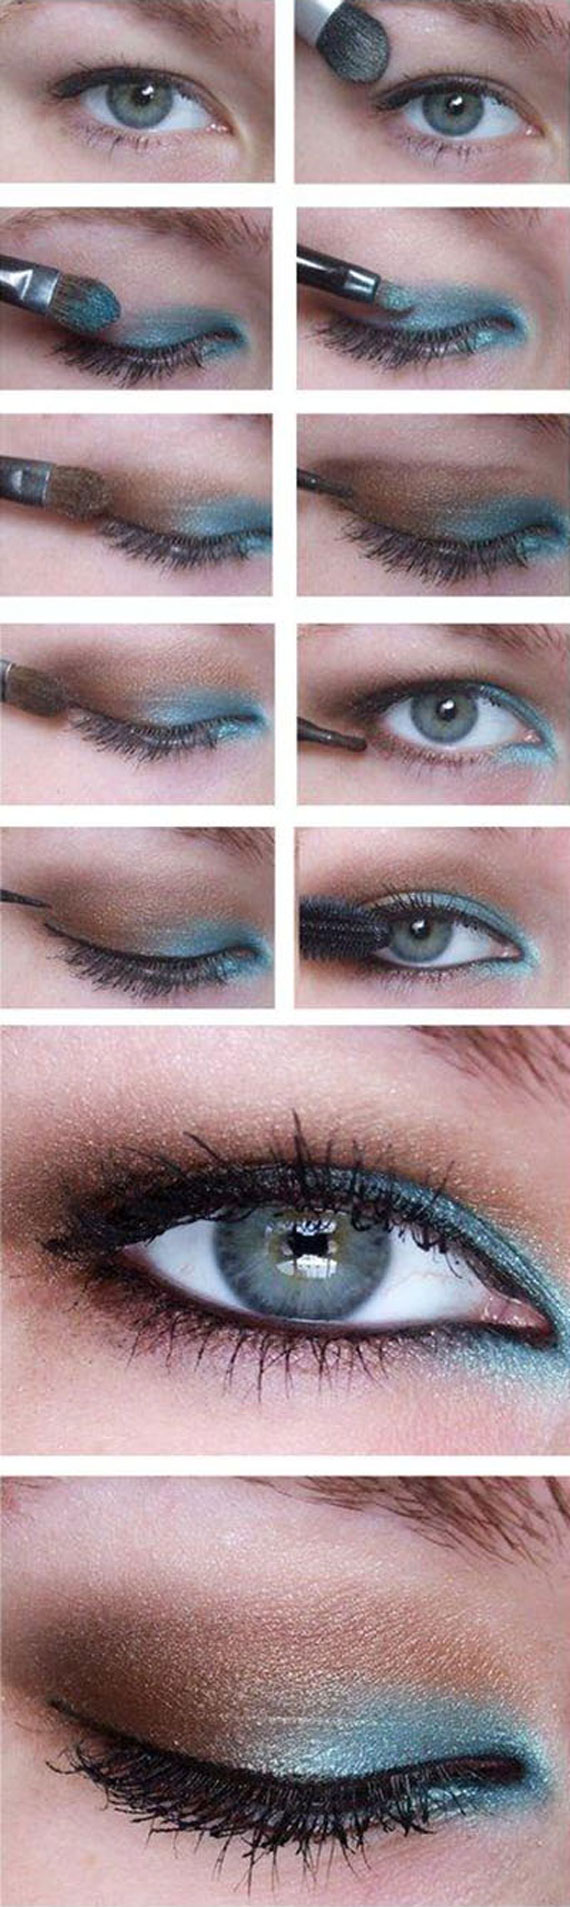 آموزش آرایش چشمهای ریز,آموزش چند مدل آرایش چشم,آموزش آرایش چشم تصویری,آموزش آرایش چشم عروس,آموزش آرایش چشم دخترانه,آموزش آرایش چشم ساده,آموزش آرایش چشم به صورت تصویری